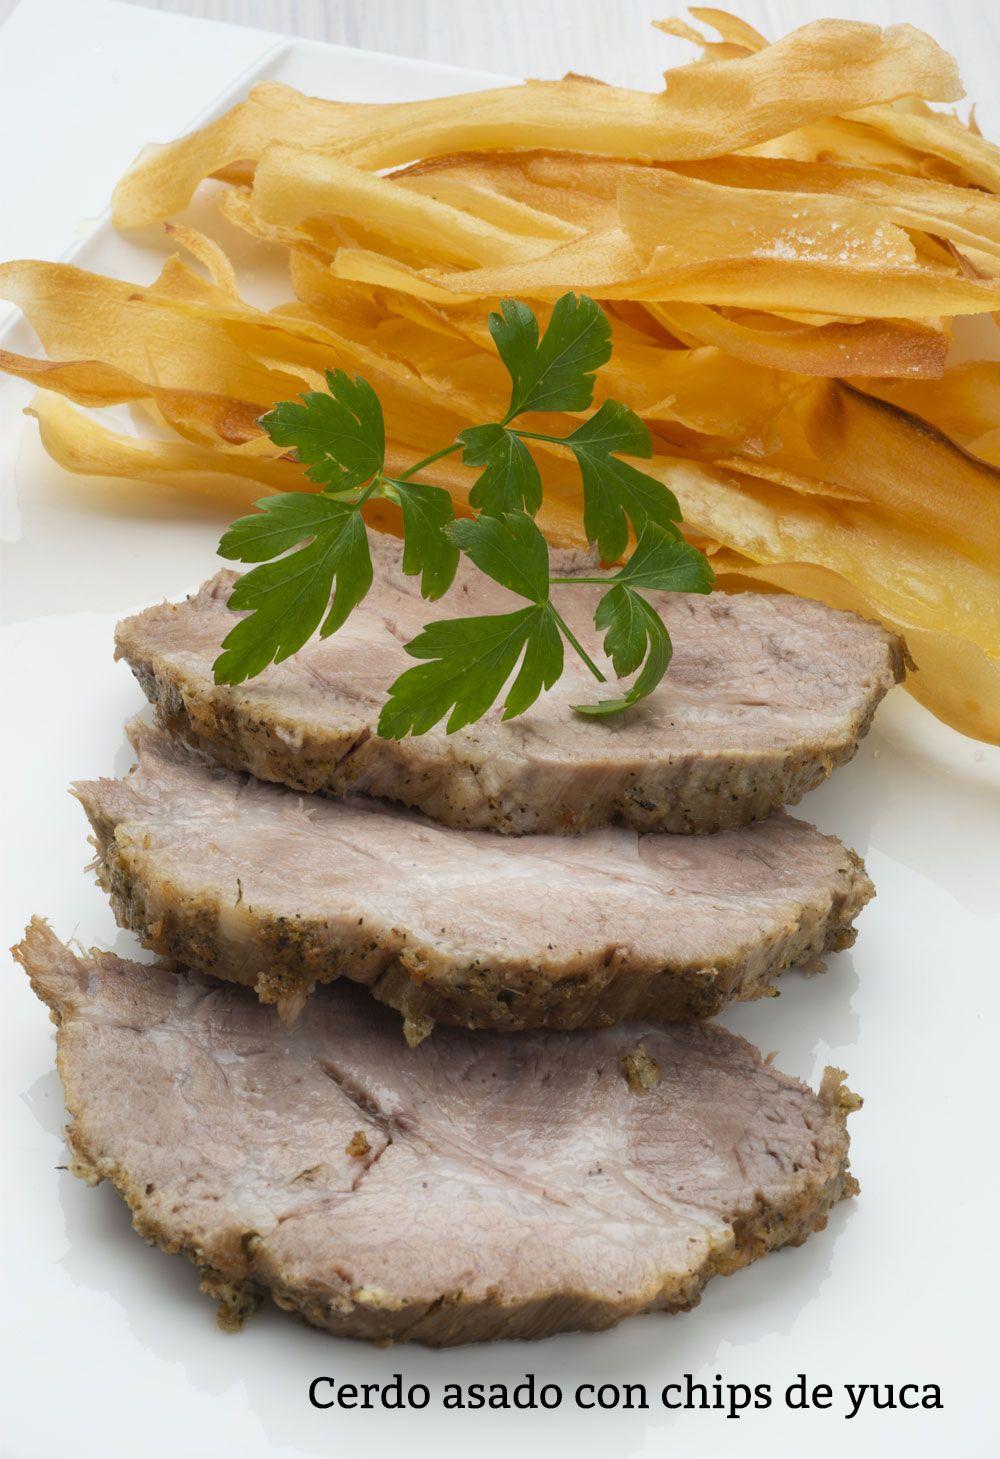 Cerdo asado con chips de yuca